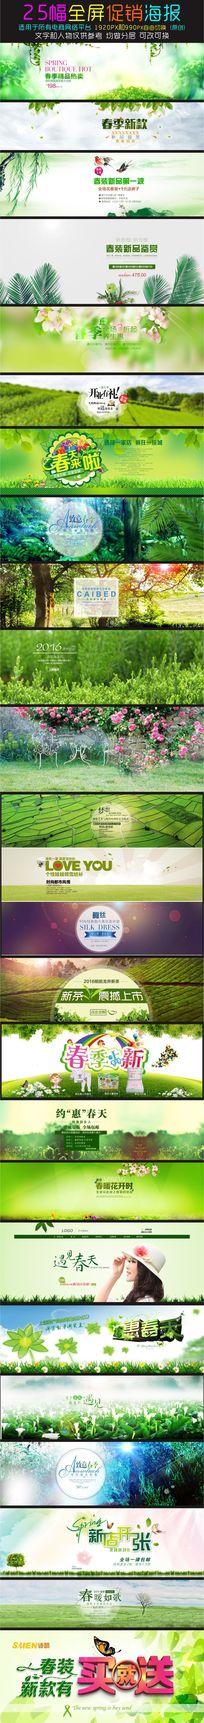 淘宝天猫春季海报促销全屏背景模板